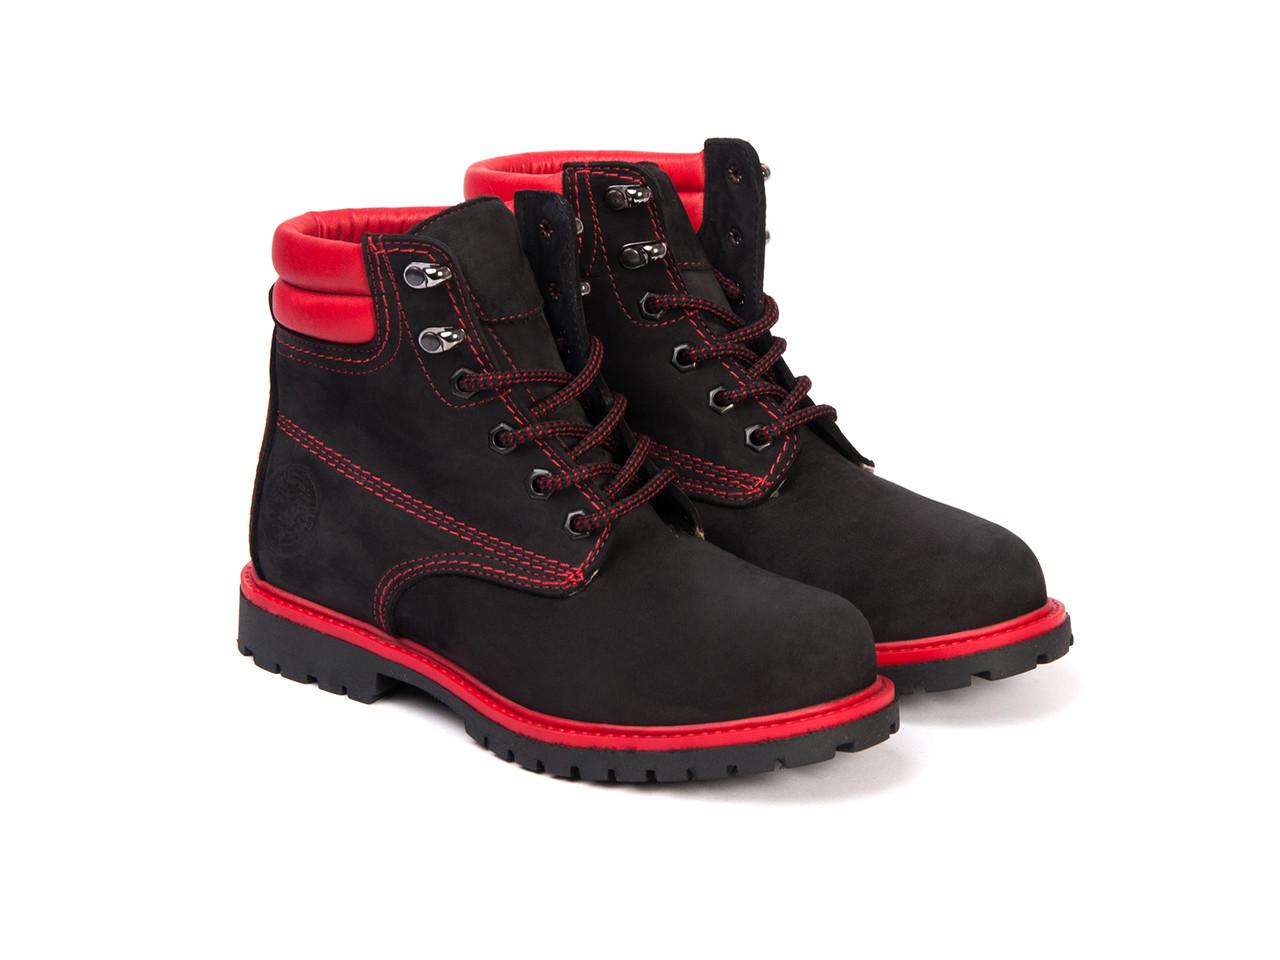 Ботинки Etor 2852-4310-2298-1 черные, фото 1